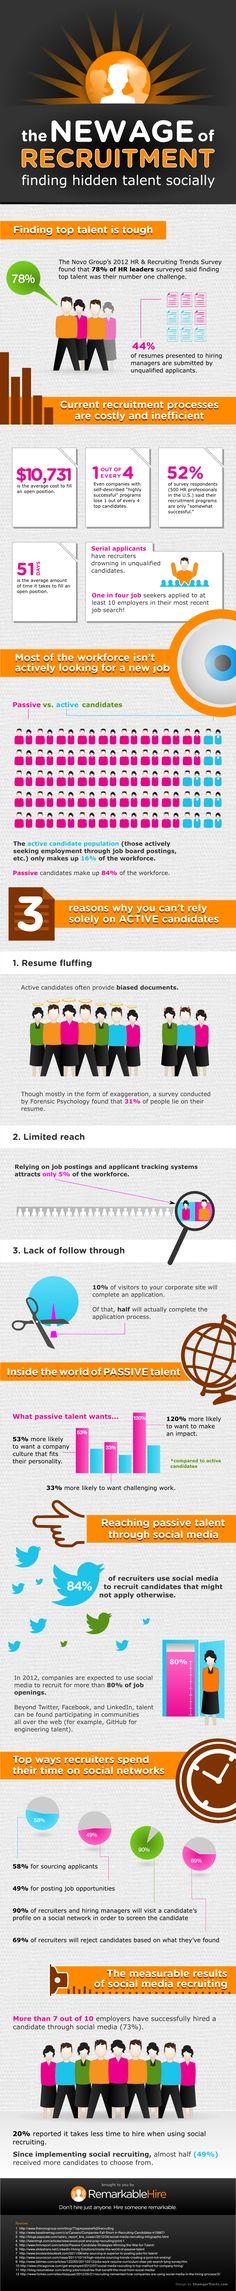 Cómo encontrar talento en las Redes Sociales #infografia #socialmedia